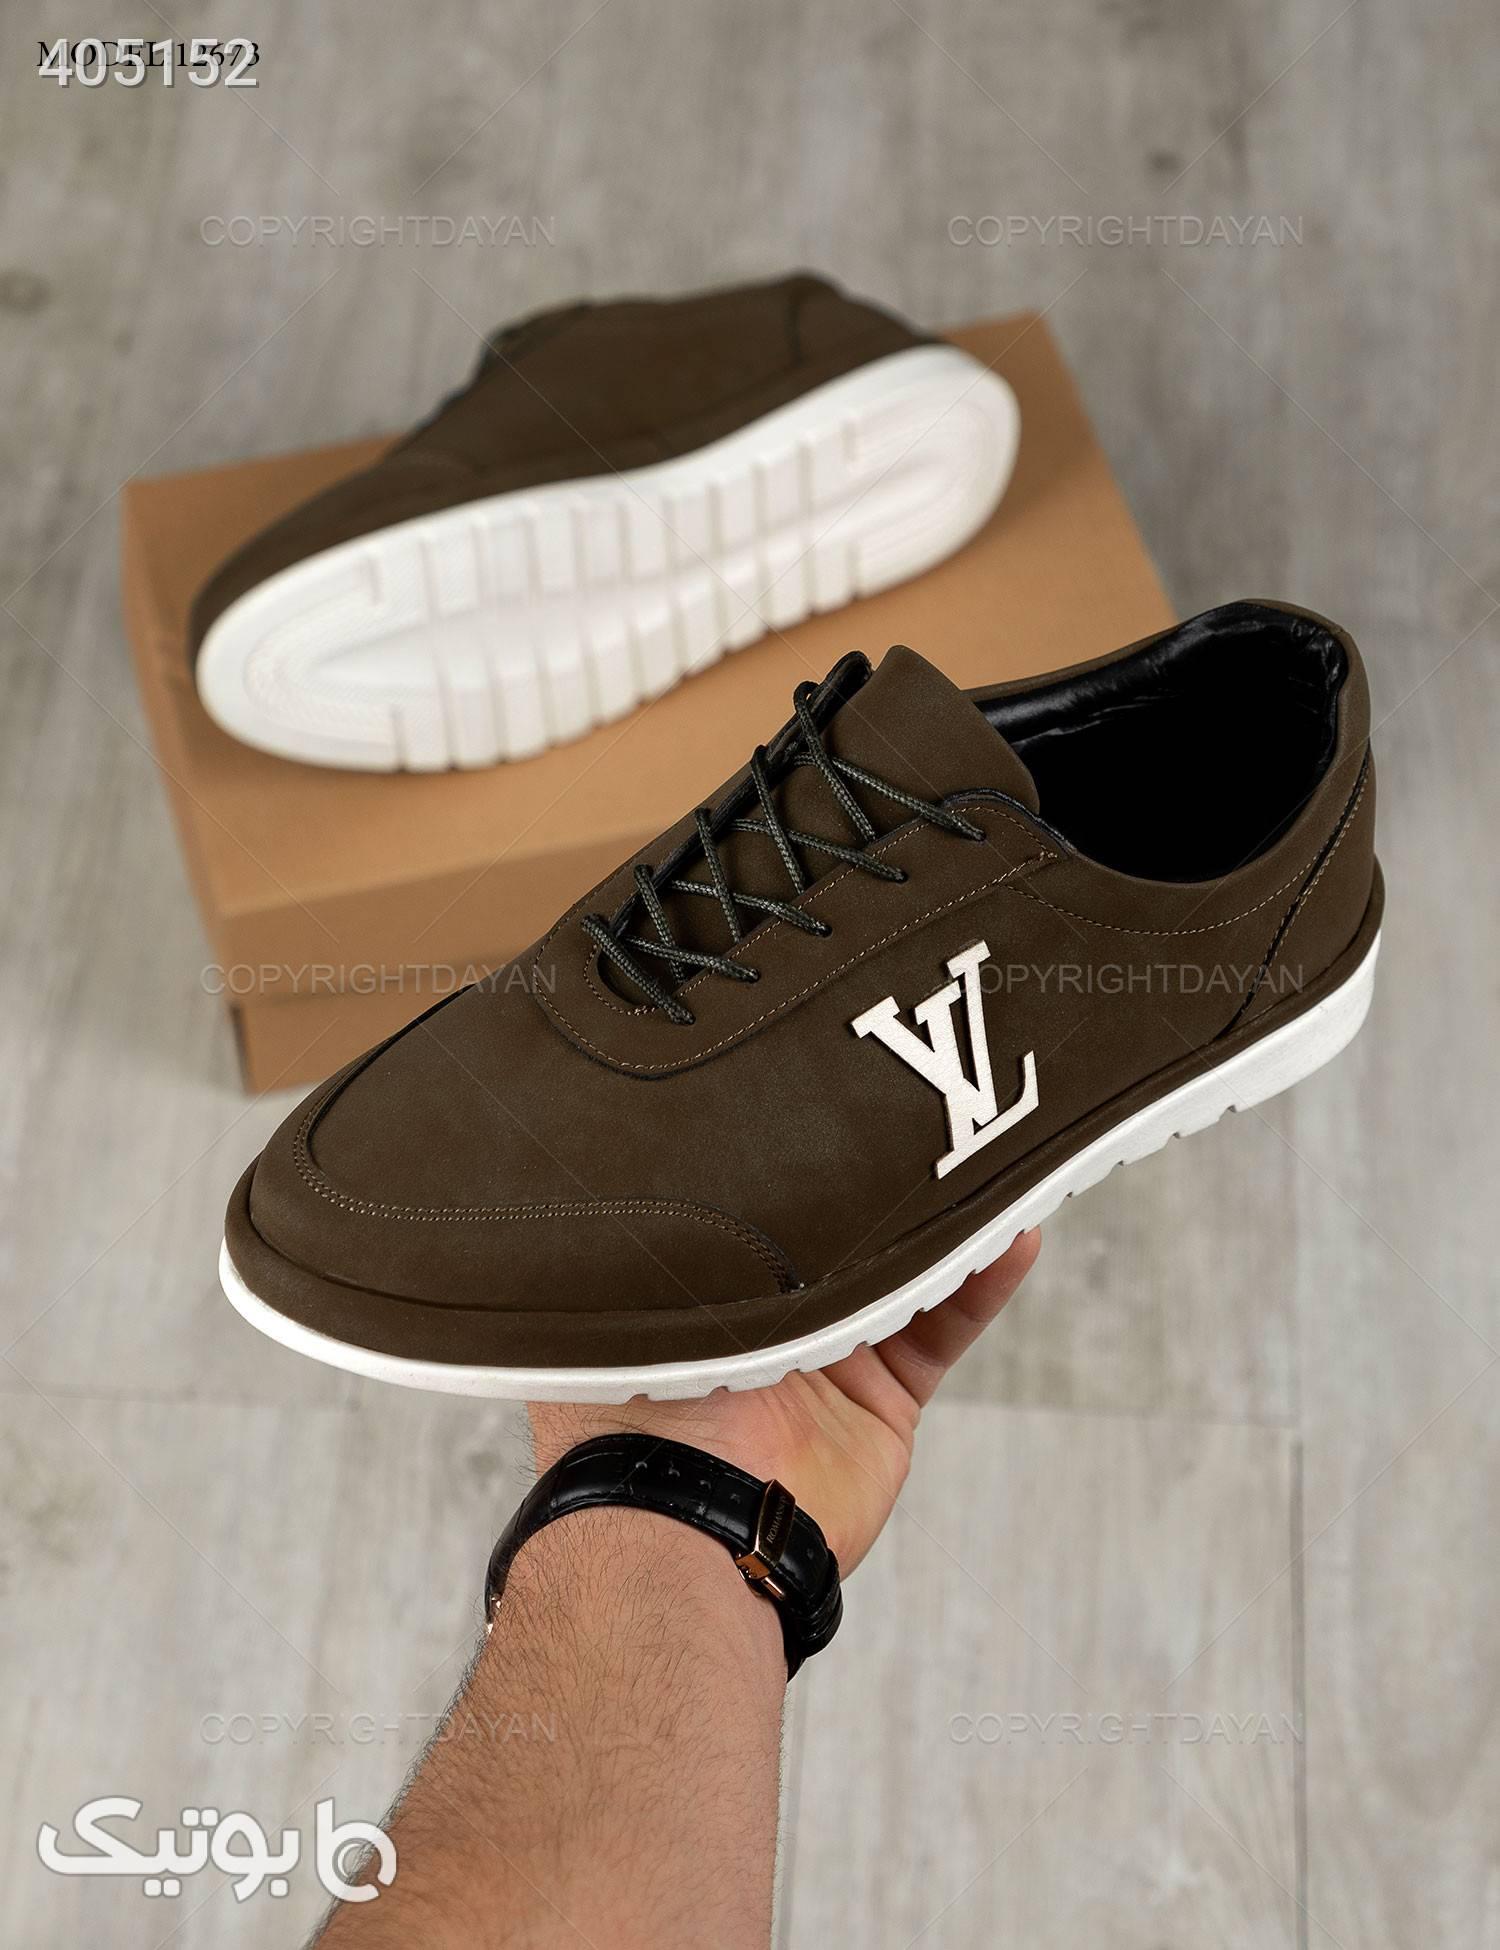 کفش Louis Vuitton مدل 12673 قهوه ای كتانی مردانه